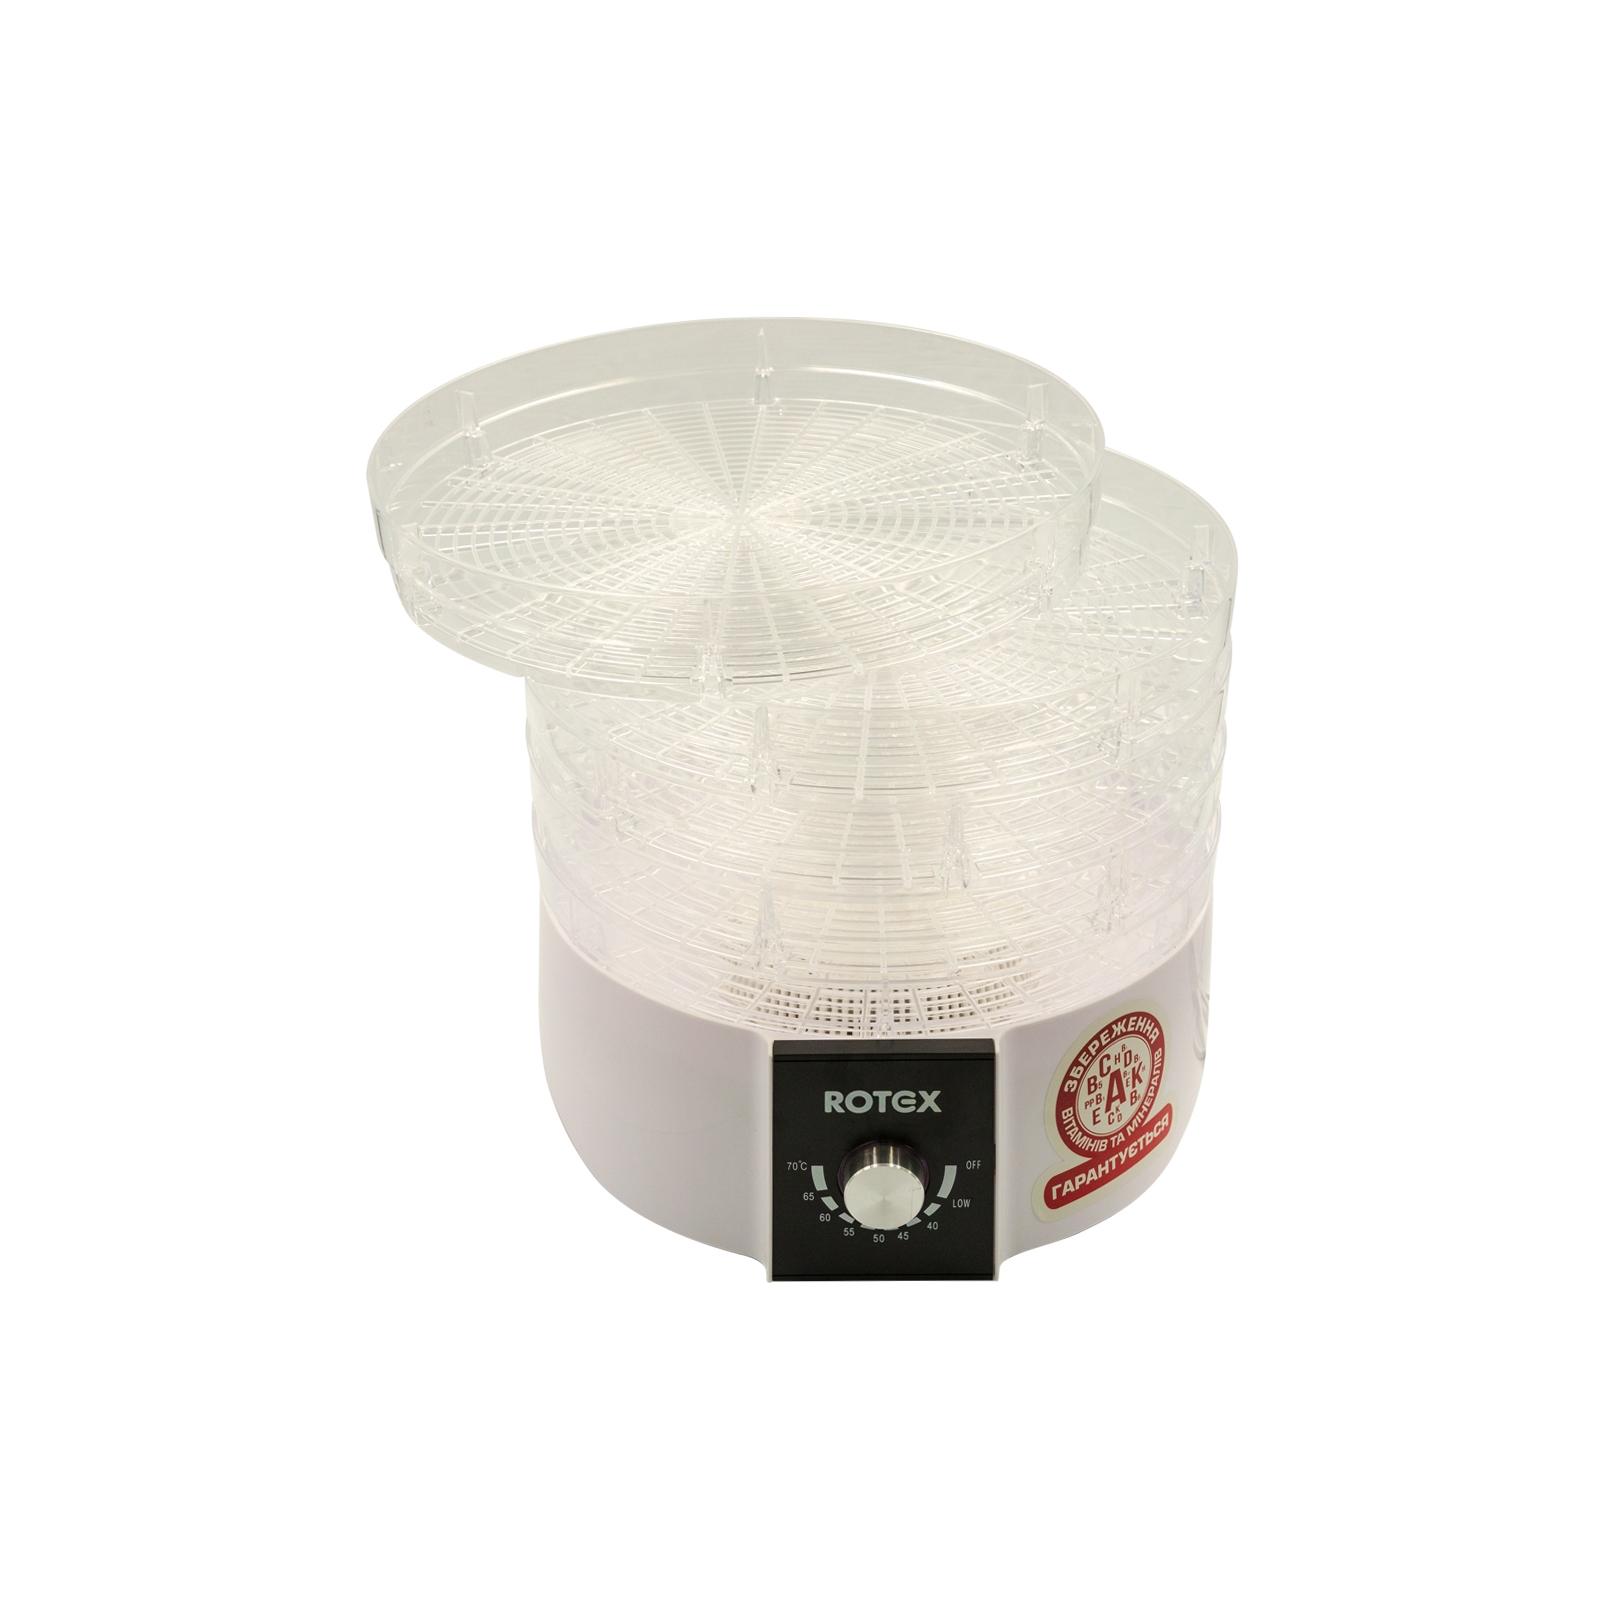 Сушка для овощей и фруктов Rotex RD610-W изображение 3